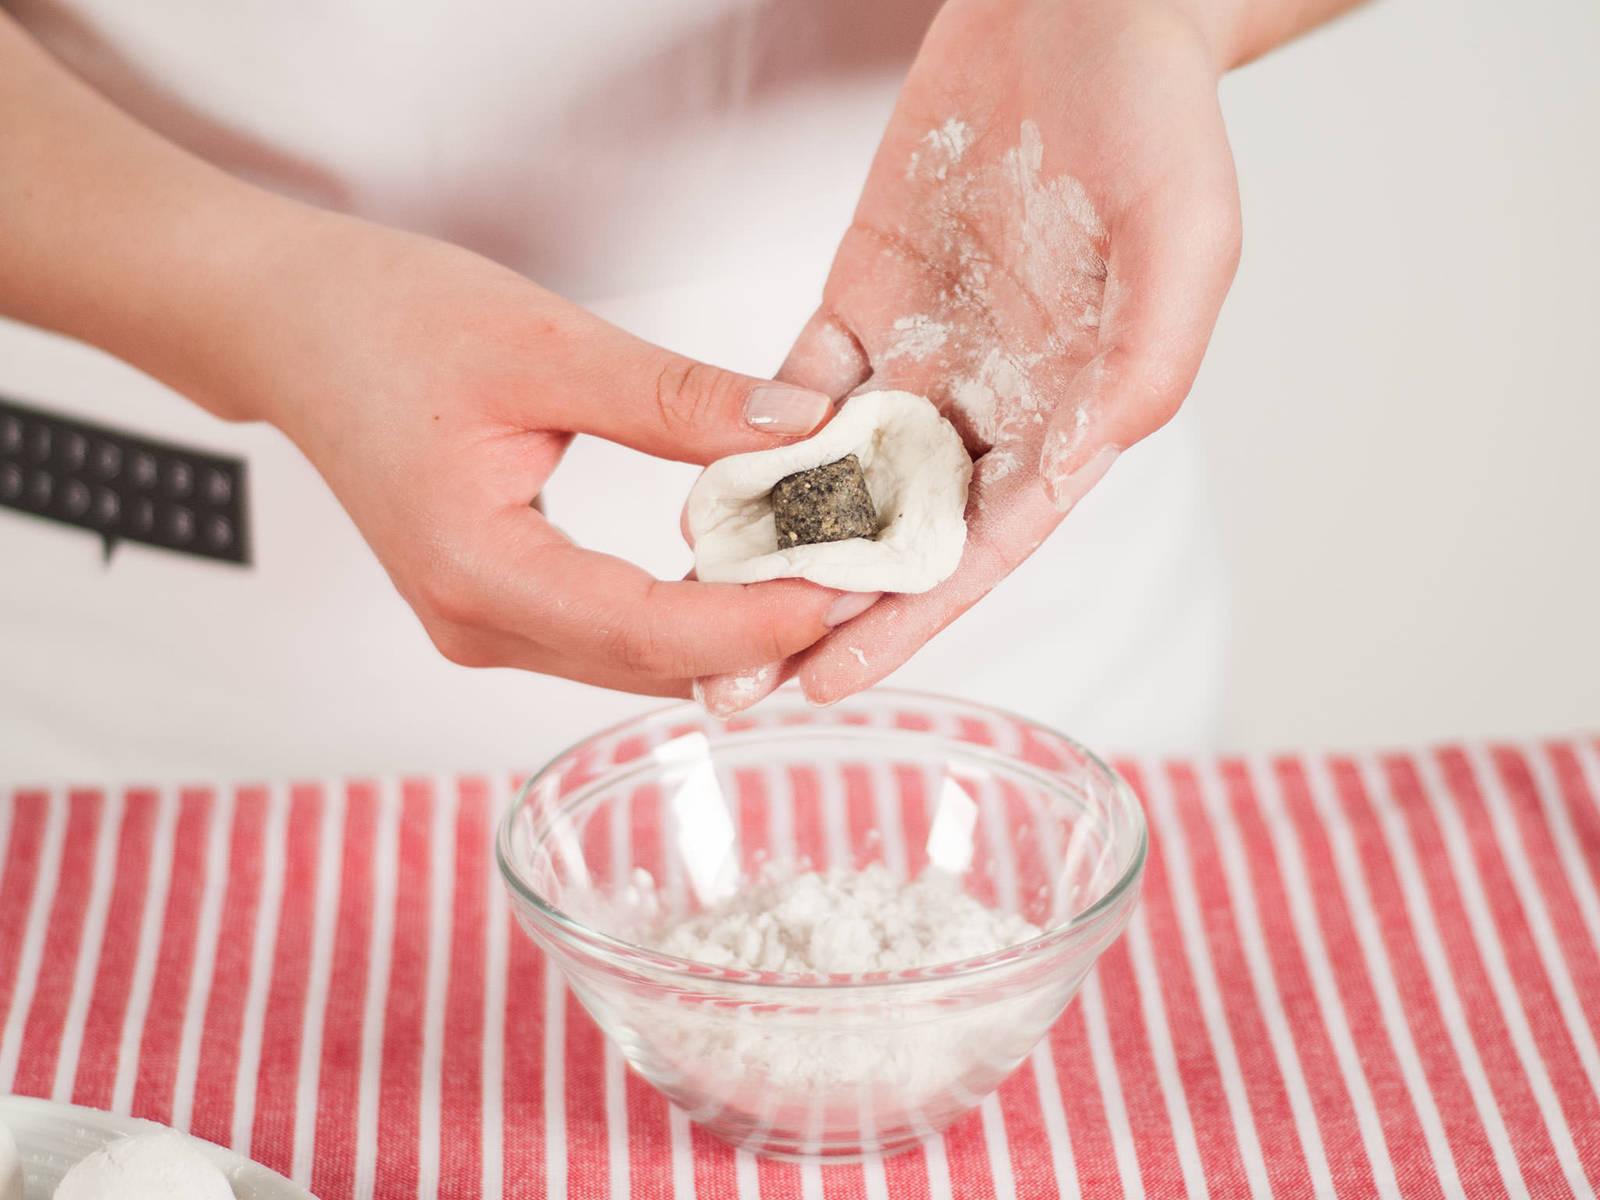 Hände leicht bemehlen. Kleine Portion Teig nehmen (ca. 1 EL) und einen kleinen Kreis formen. Füllung in der Mitte platzieren, mit Teig umwickeln und zu kleinen Bällchen rollen. Mit Klebreismehl benetzen.